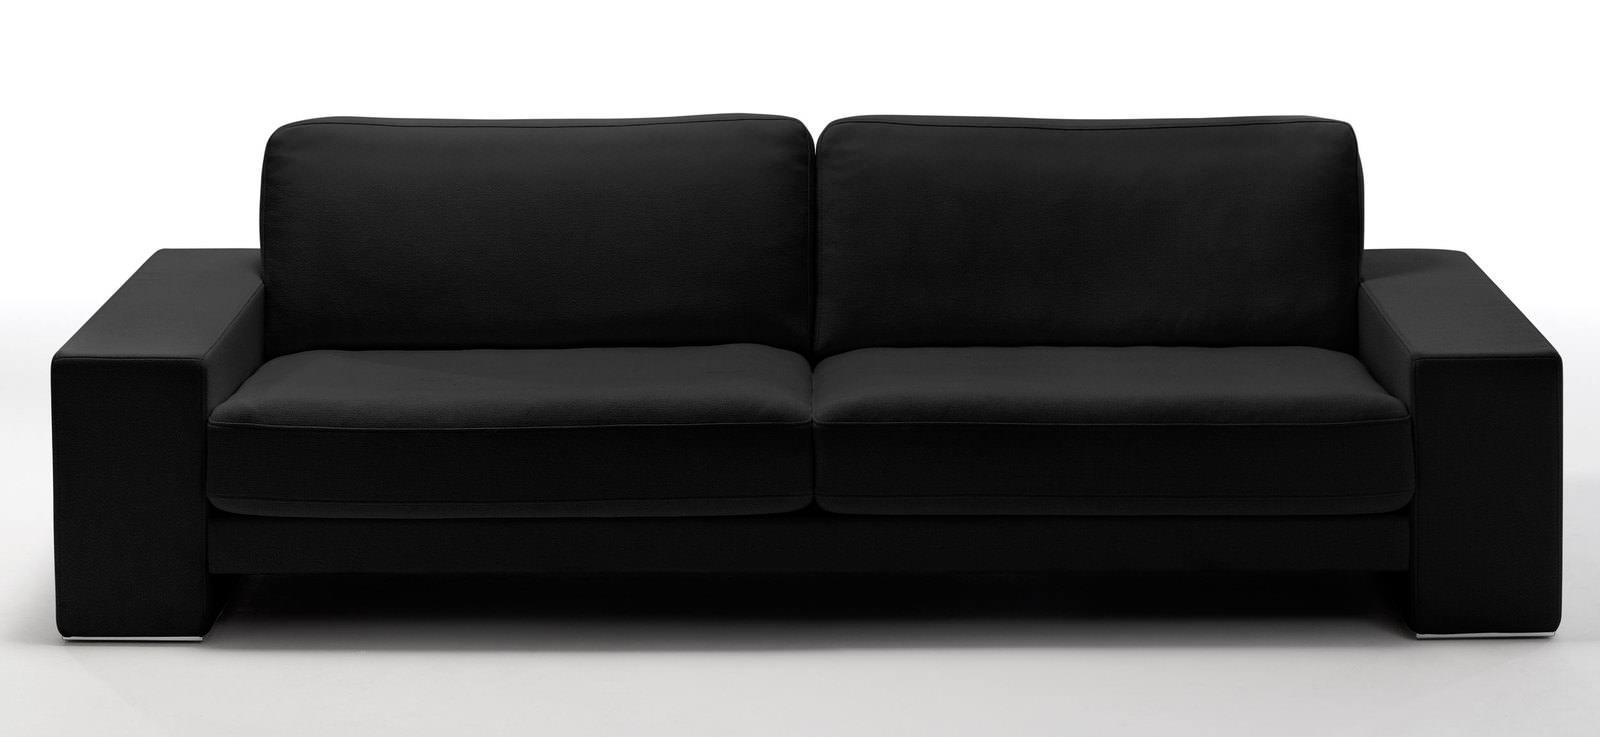 rolf benz systemgarnitur online entdecken schaffrath ihr m belhaus. Black Bedroom Furniture Sets. Home Design Ideas